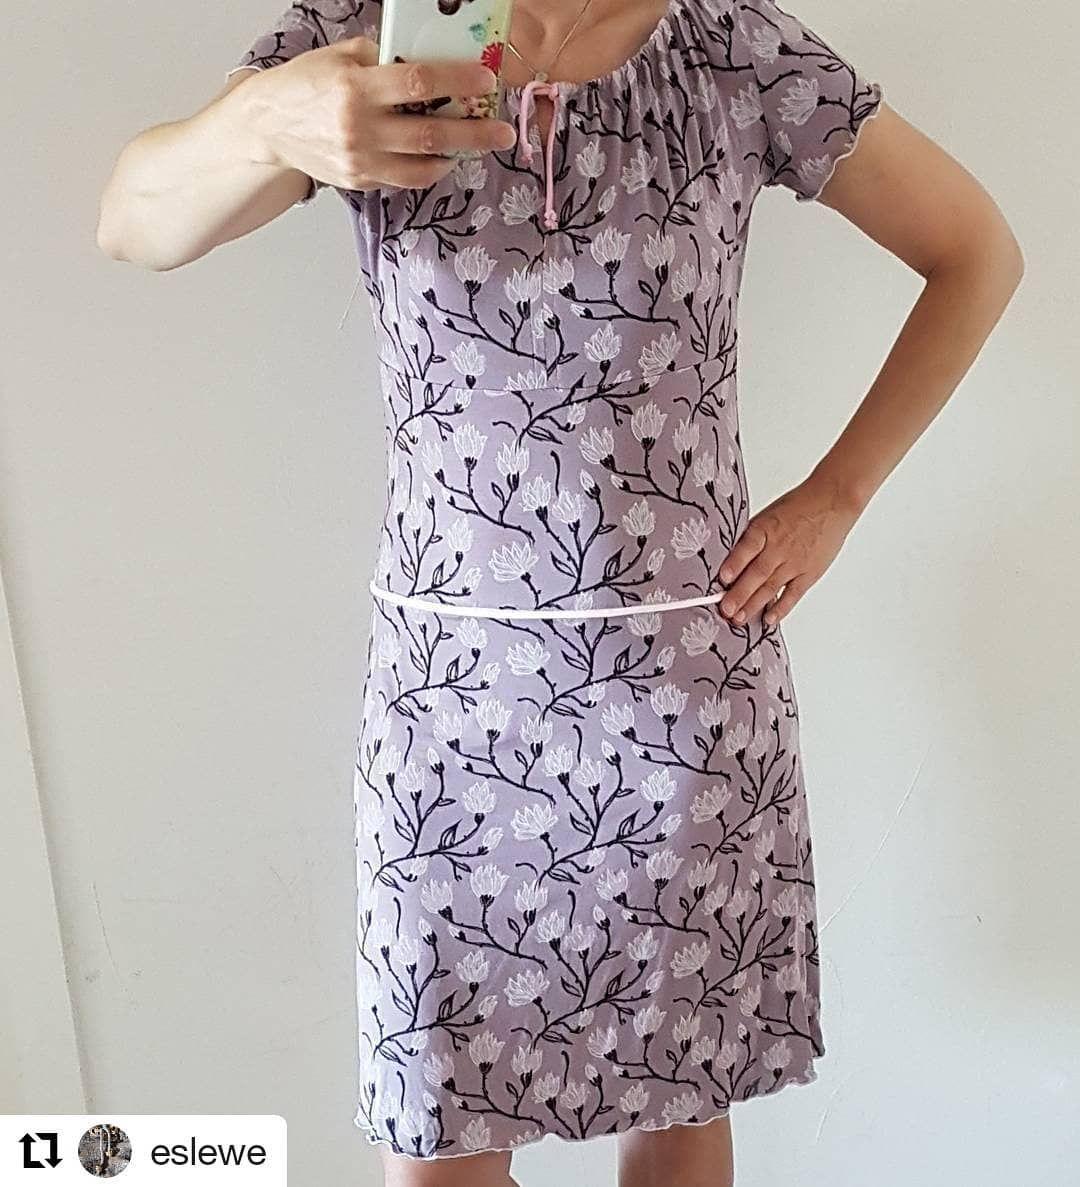 Kleid nach den Bausteinen des rosa p Buches #nähdirdeinkleid. Buch ...